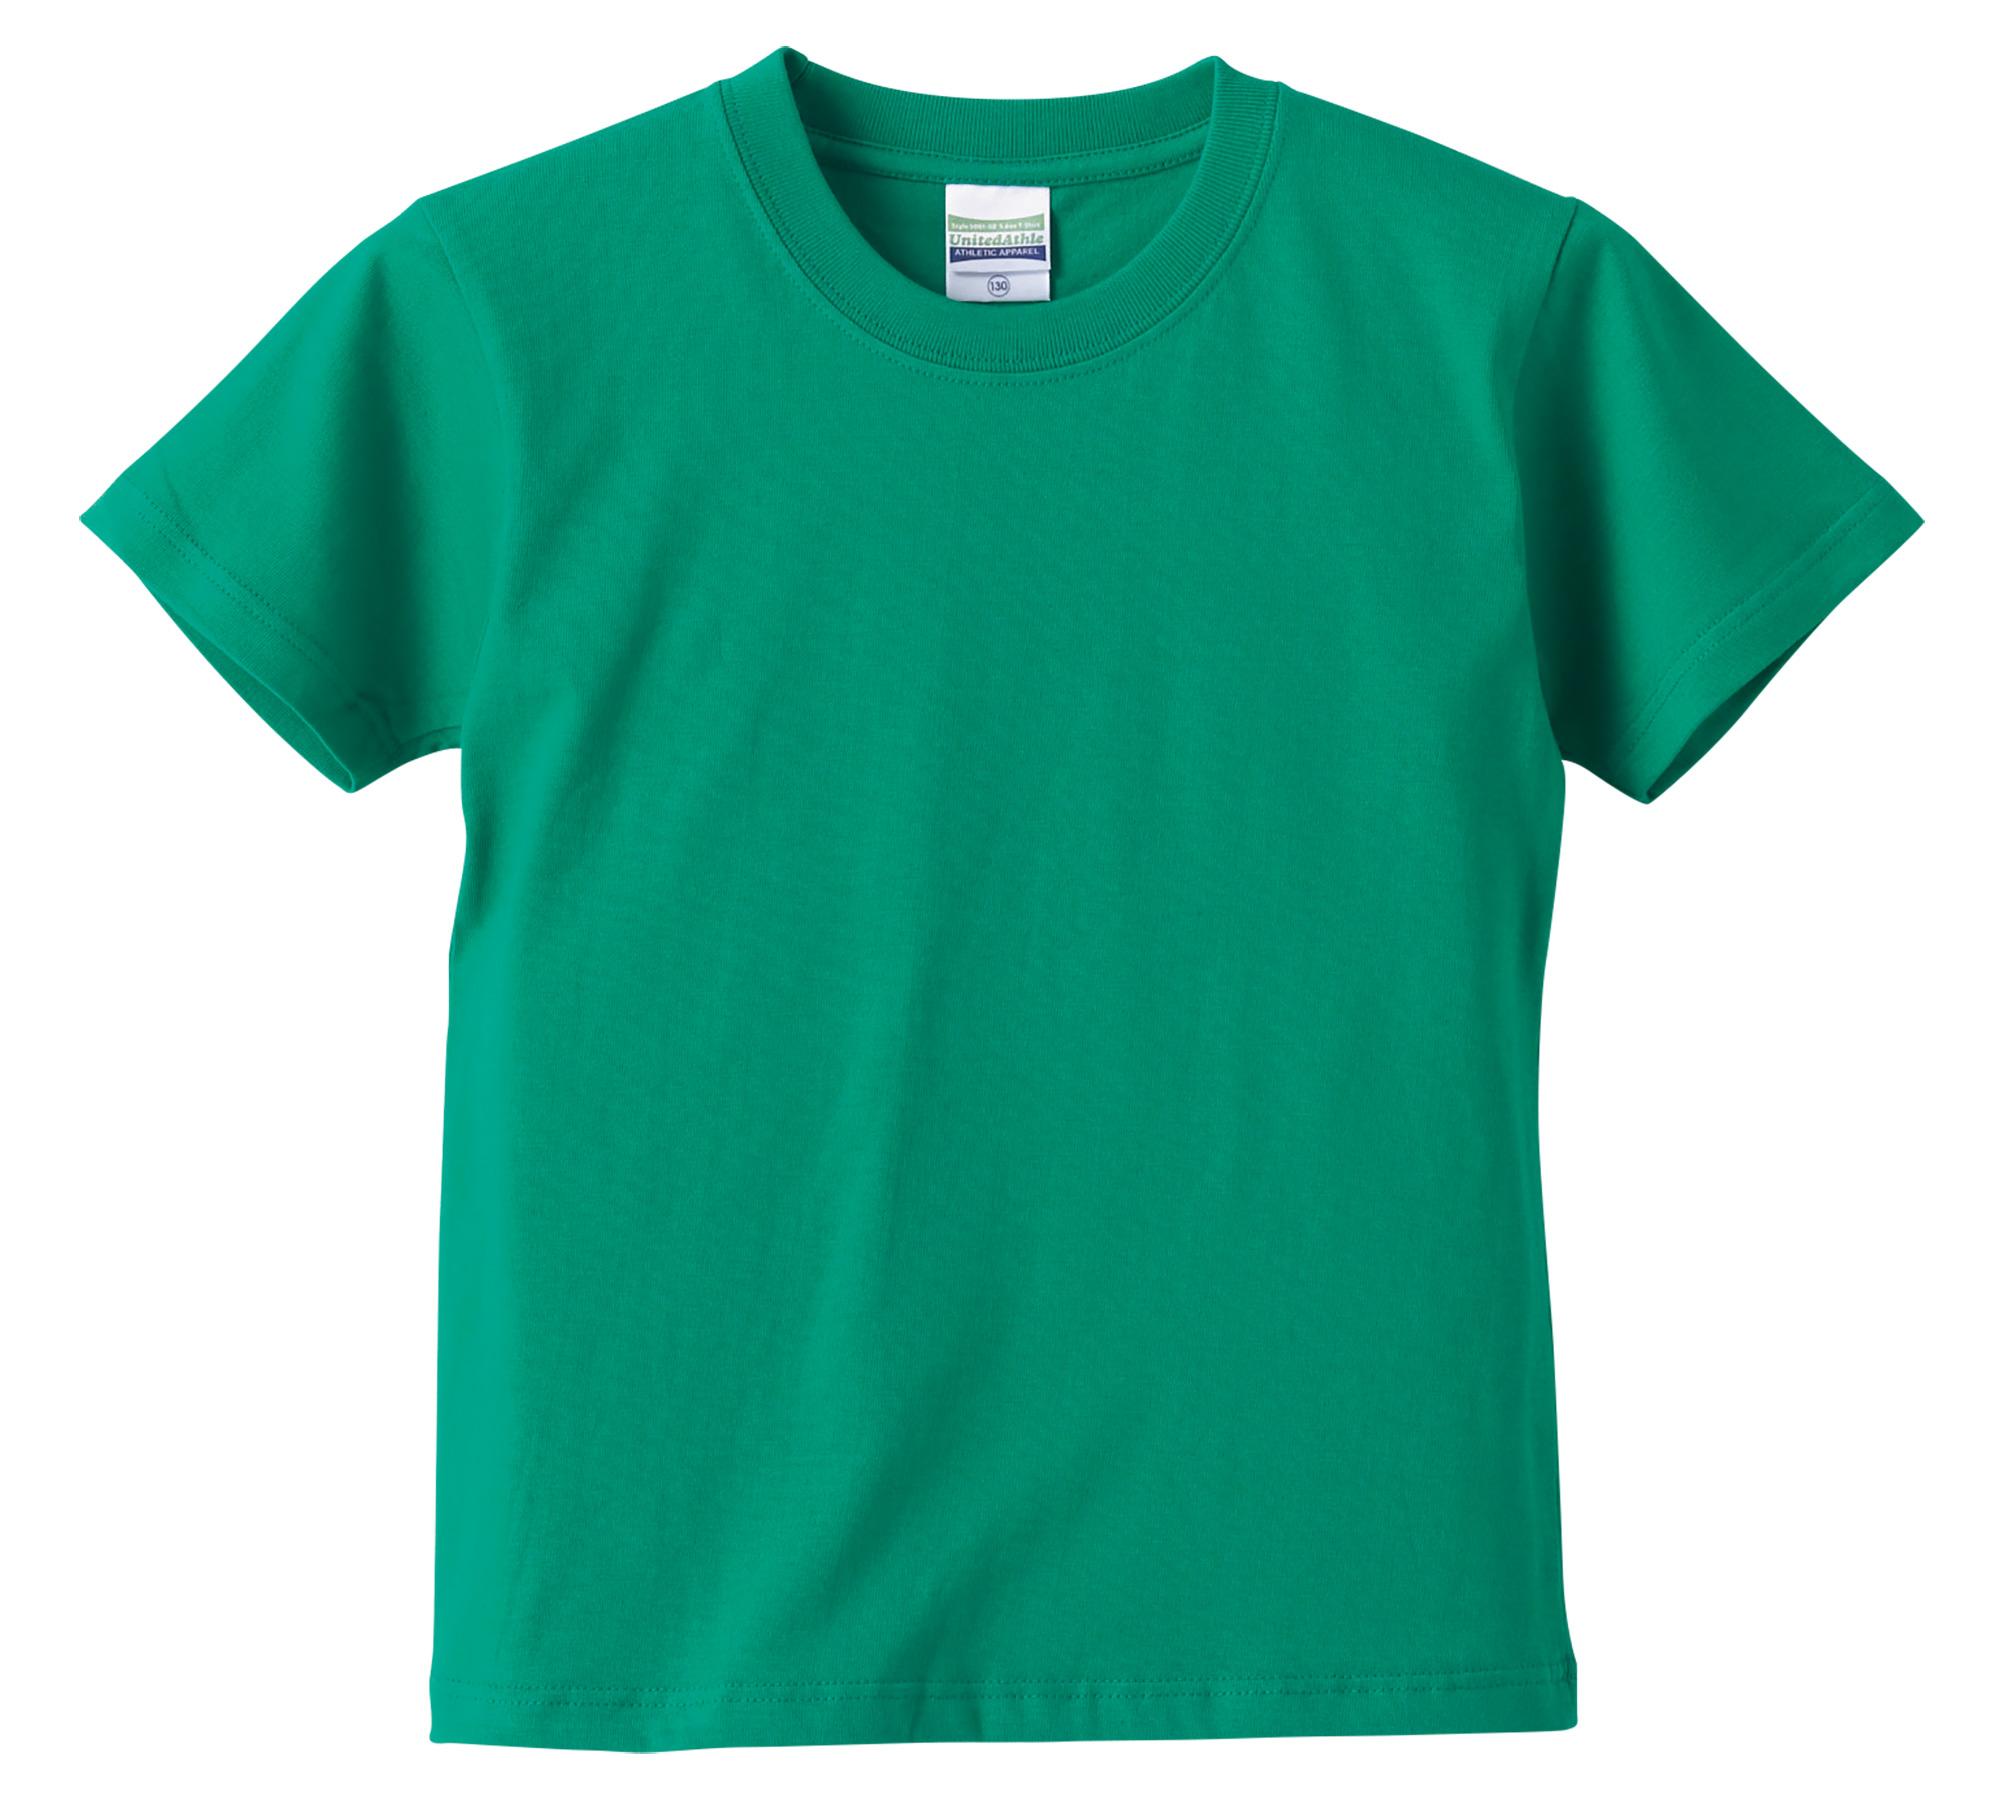 5.6オンスハイクオリティーTシャツ、90~160cmサイズ(グリーン)